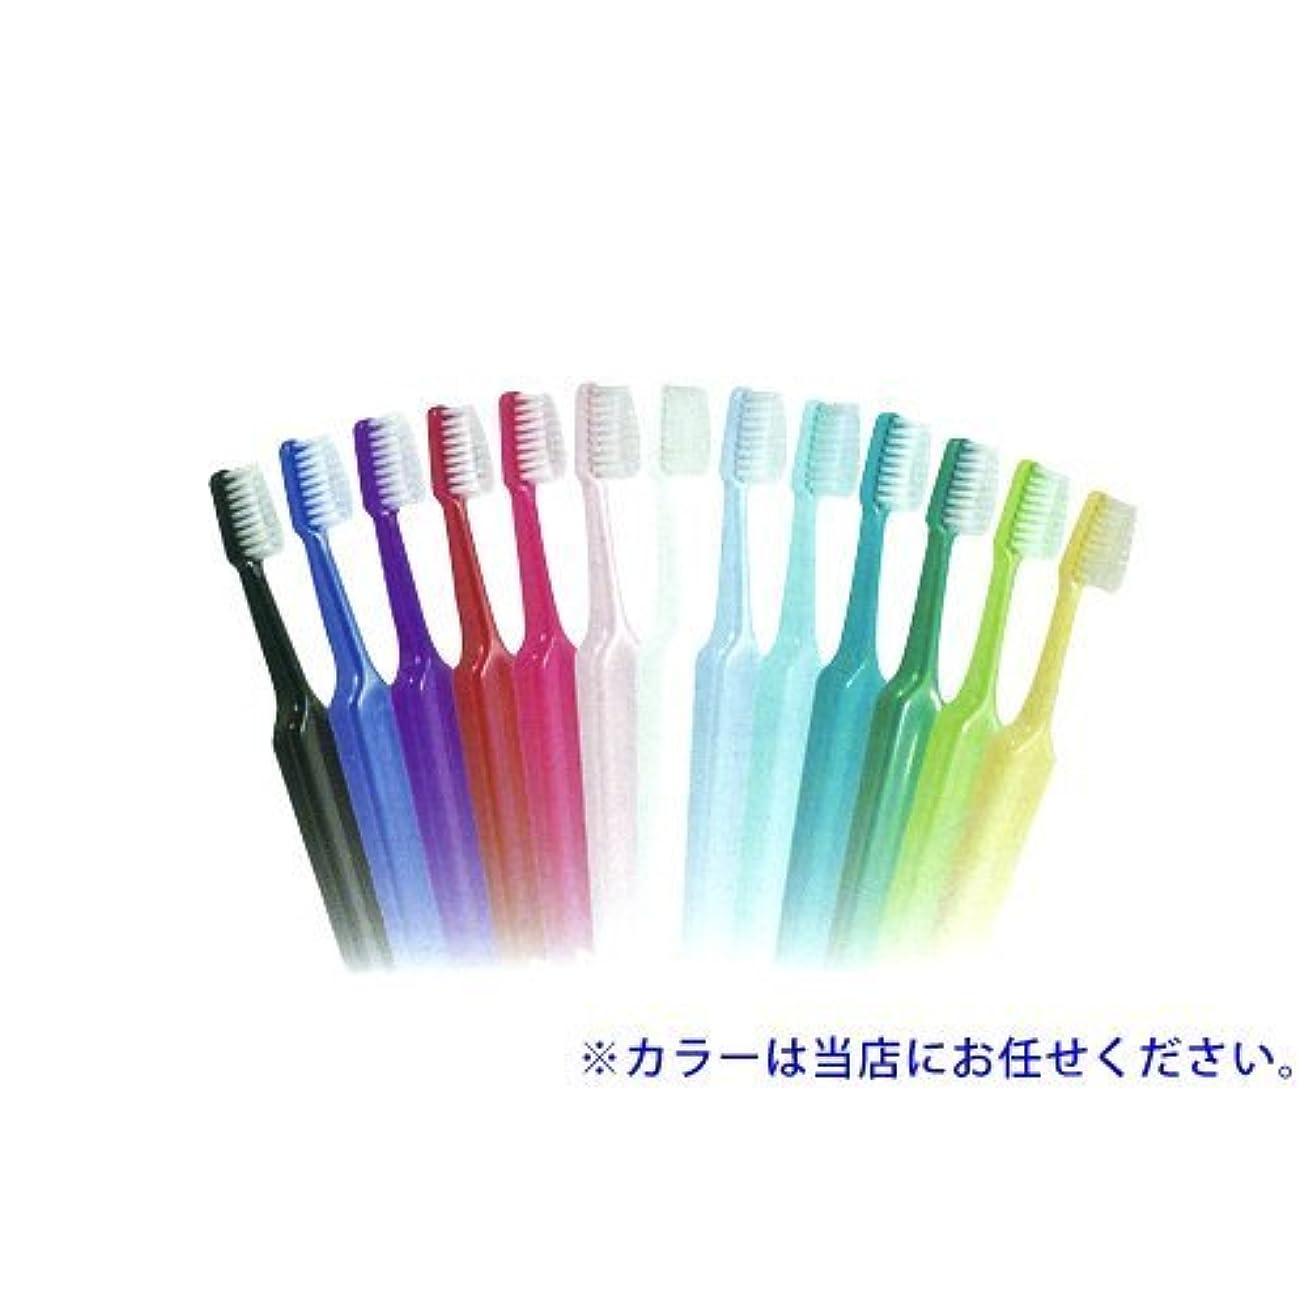 反対する不安定今Tepe歯ブラシ セレクトミニ/エクストラソフト 25本/箱